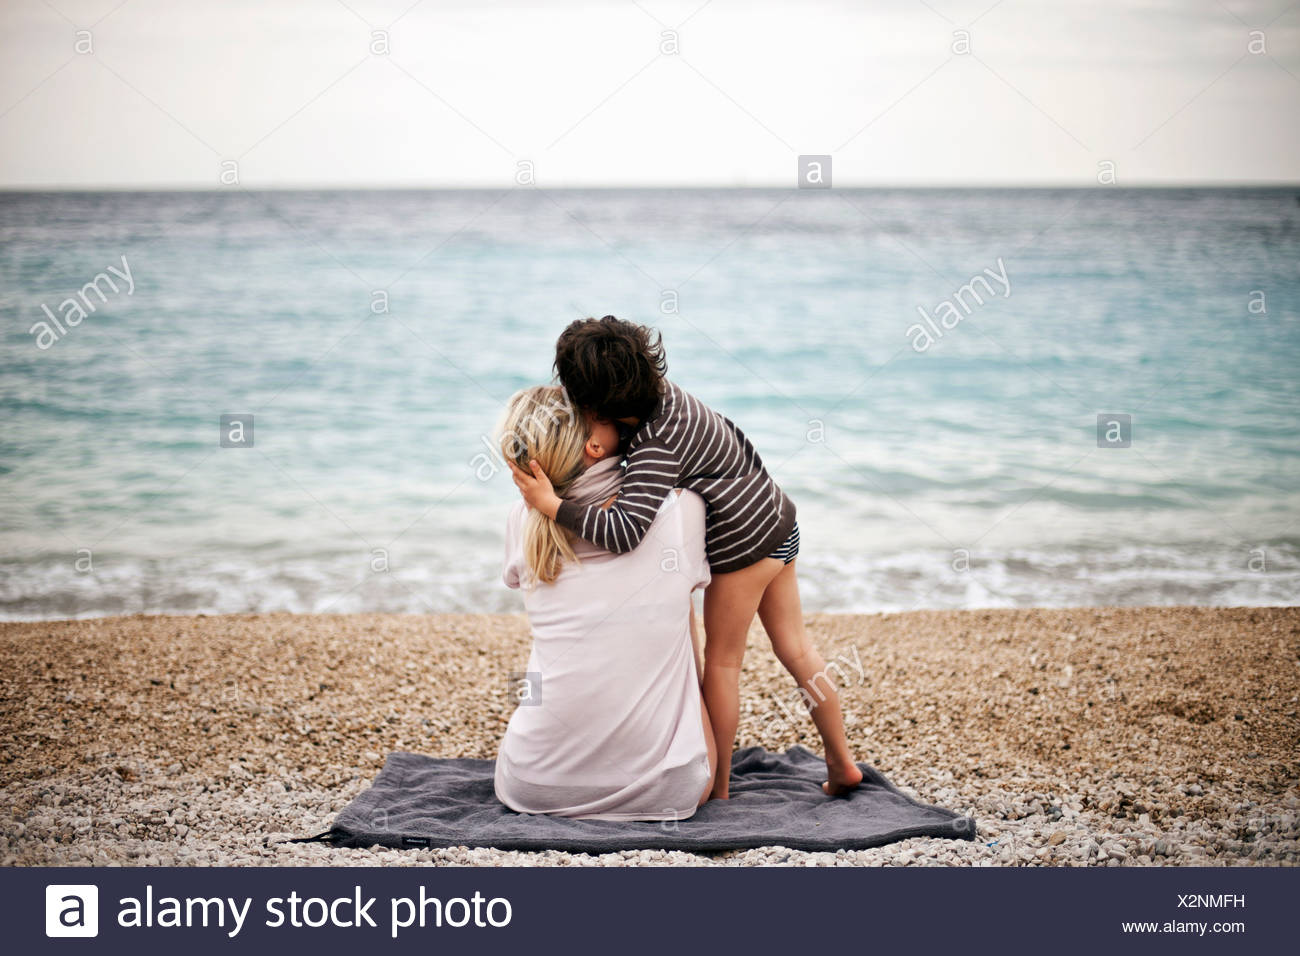 Ragazzo abbracciando la madre su una spiaggia, vista posteriore Immagini Stock